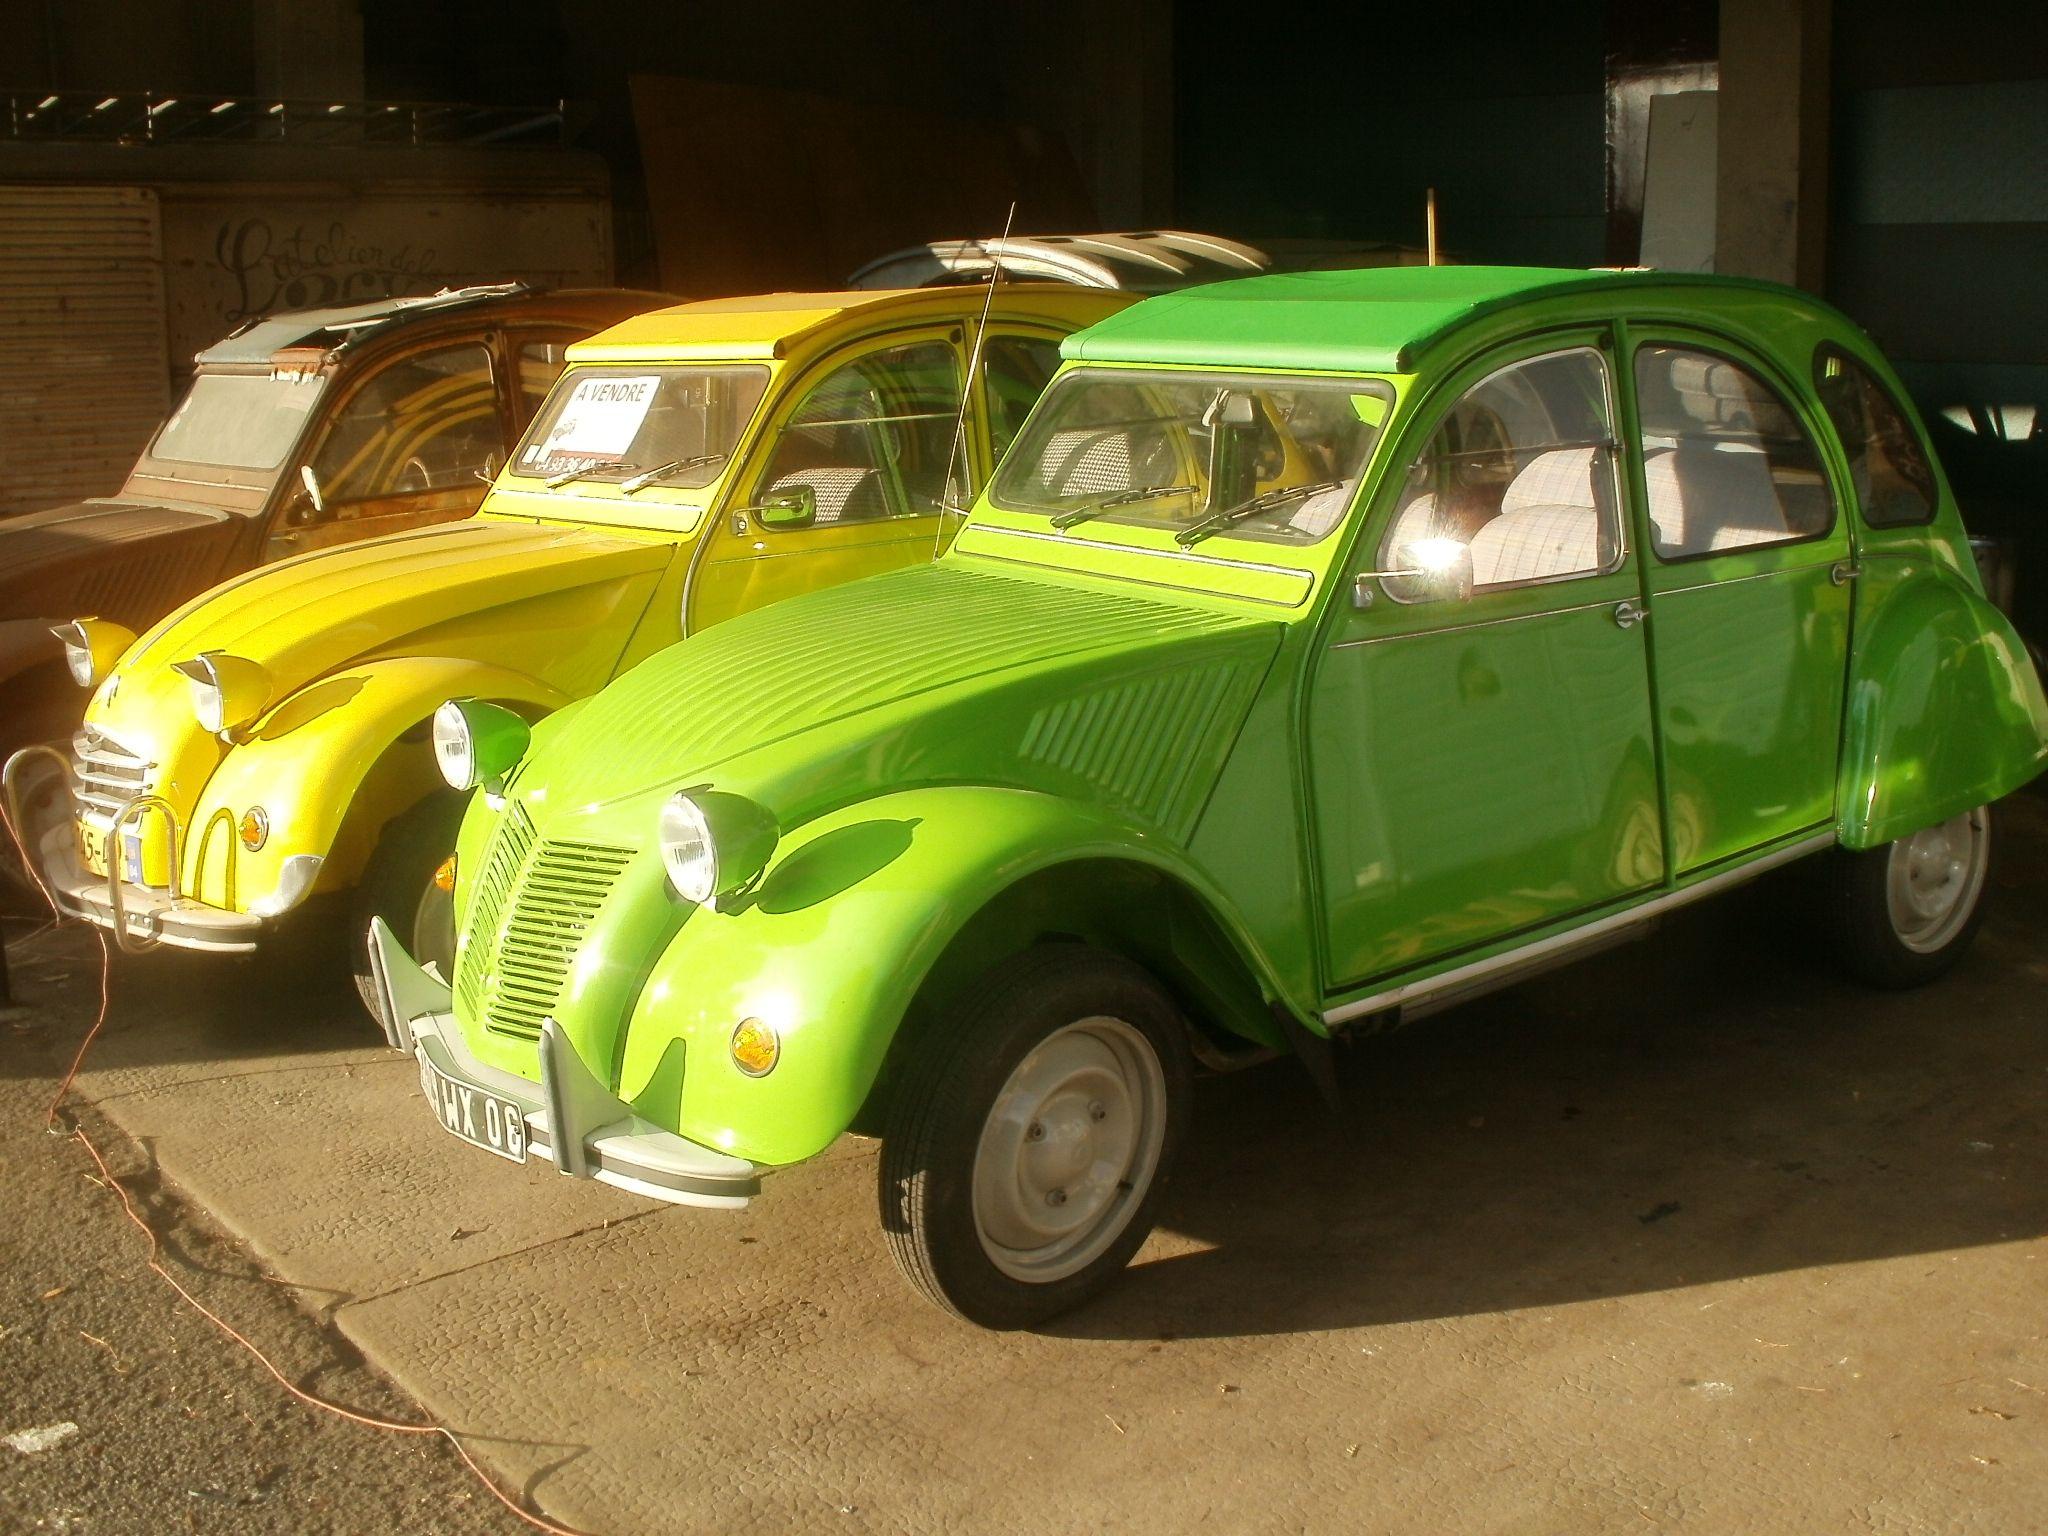 2cv L Atelier De La 2cv Grasse 06 France Citroen Car Cute Cars Retro Cars